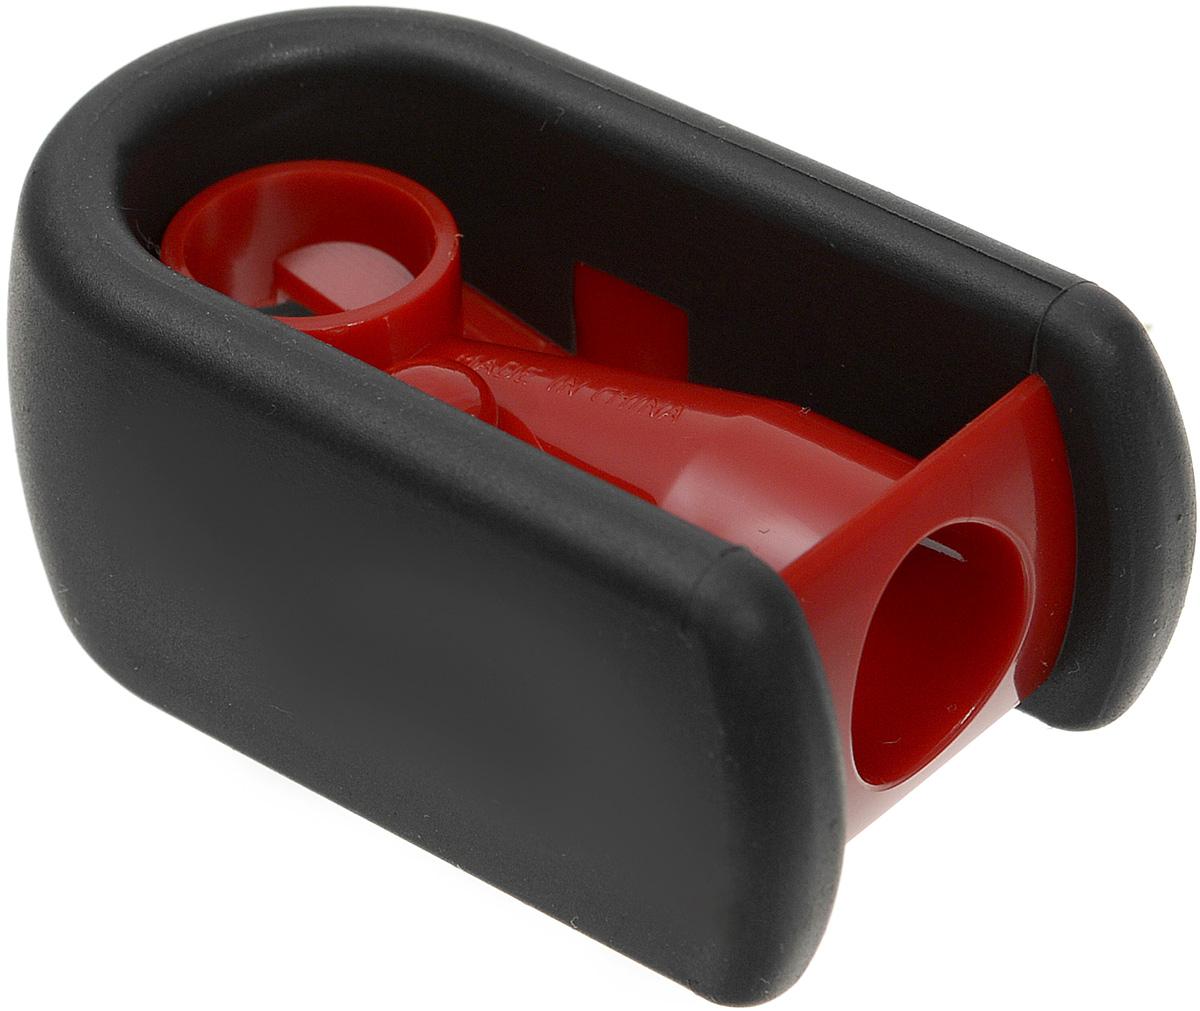 Faber-Castell Точилка цвет красный черныйFS-54103Точилка Faber-Castell предназначена для затачивания классических простых и цветных карандашей. Точилка, выполненная в форме магнита, содержит матовую область для захвата. Острые лезвия обеспечивают высококачественную и точную заточку деревянных карандашей.